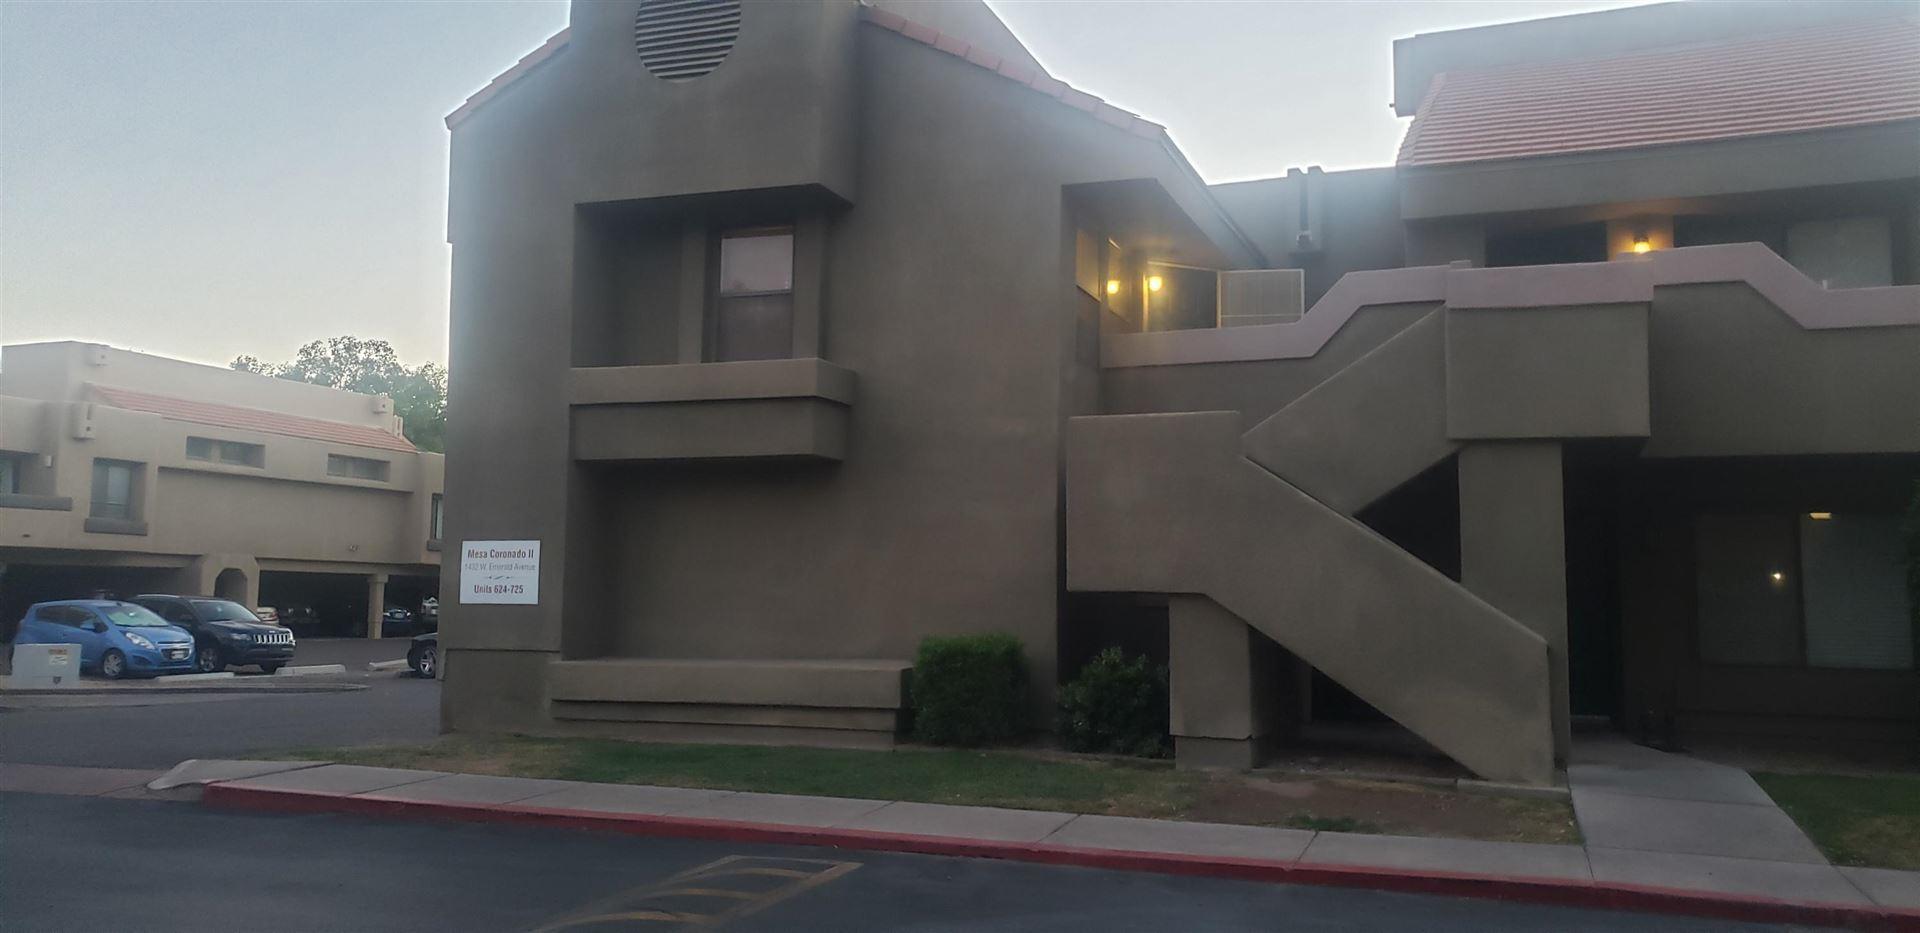 1432 W EMERALD Avenue #711, Mesa, AZ 85202 - MLS#: 6232395